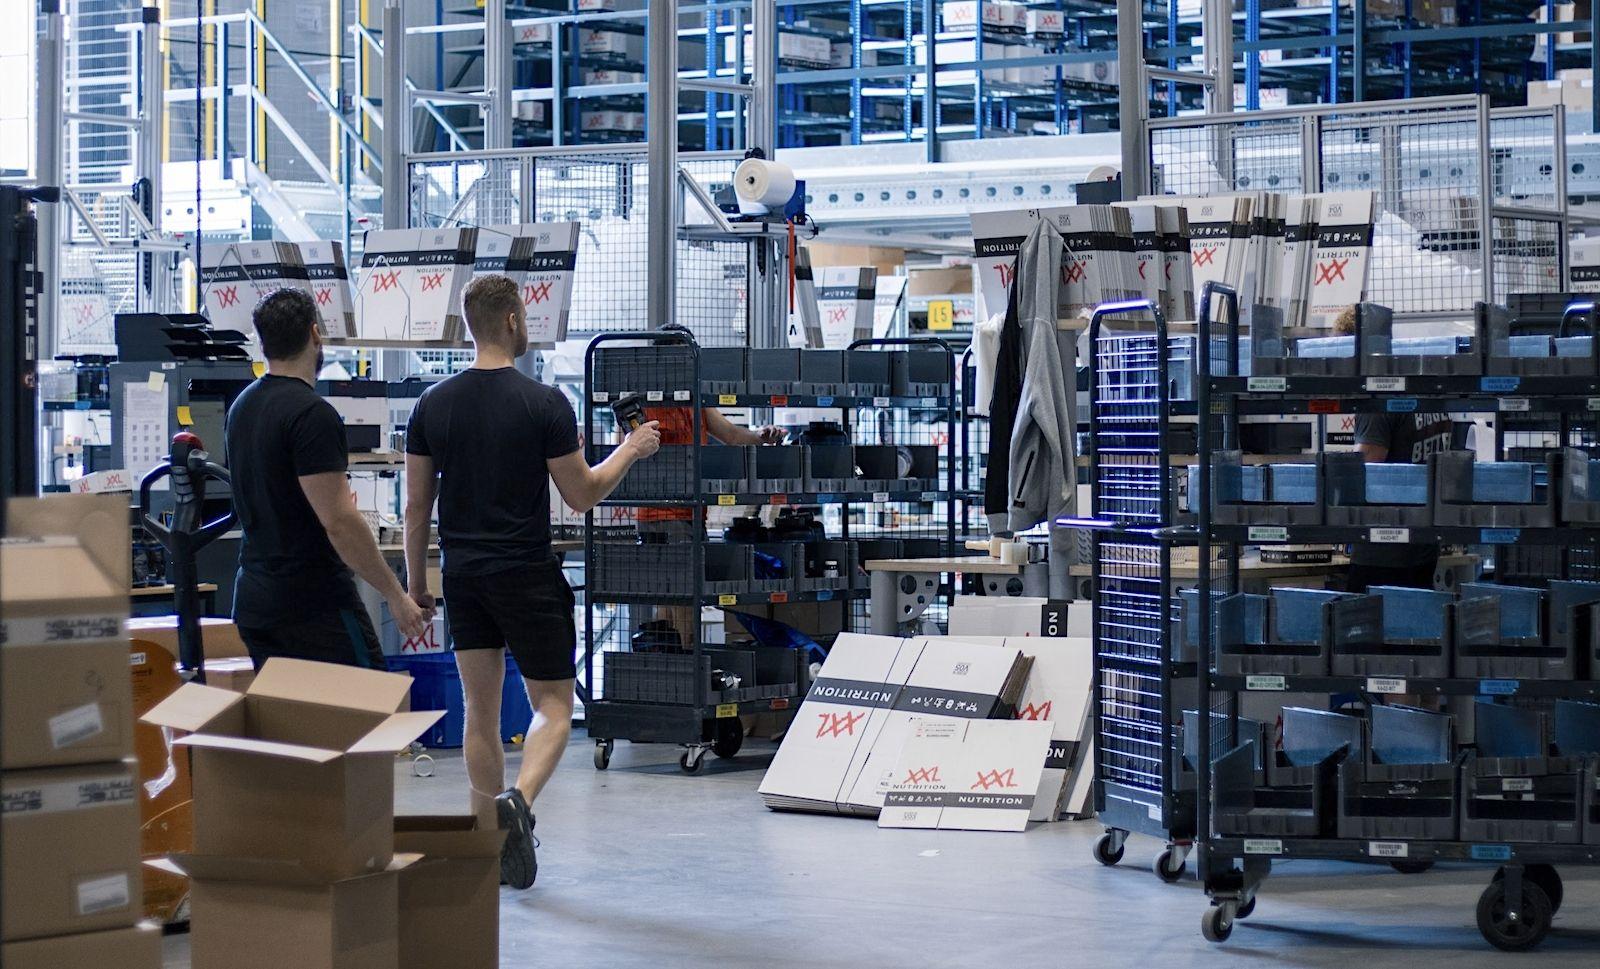 René van der Zel xxl nutrition voeding retail magazijn